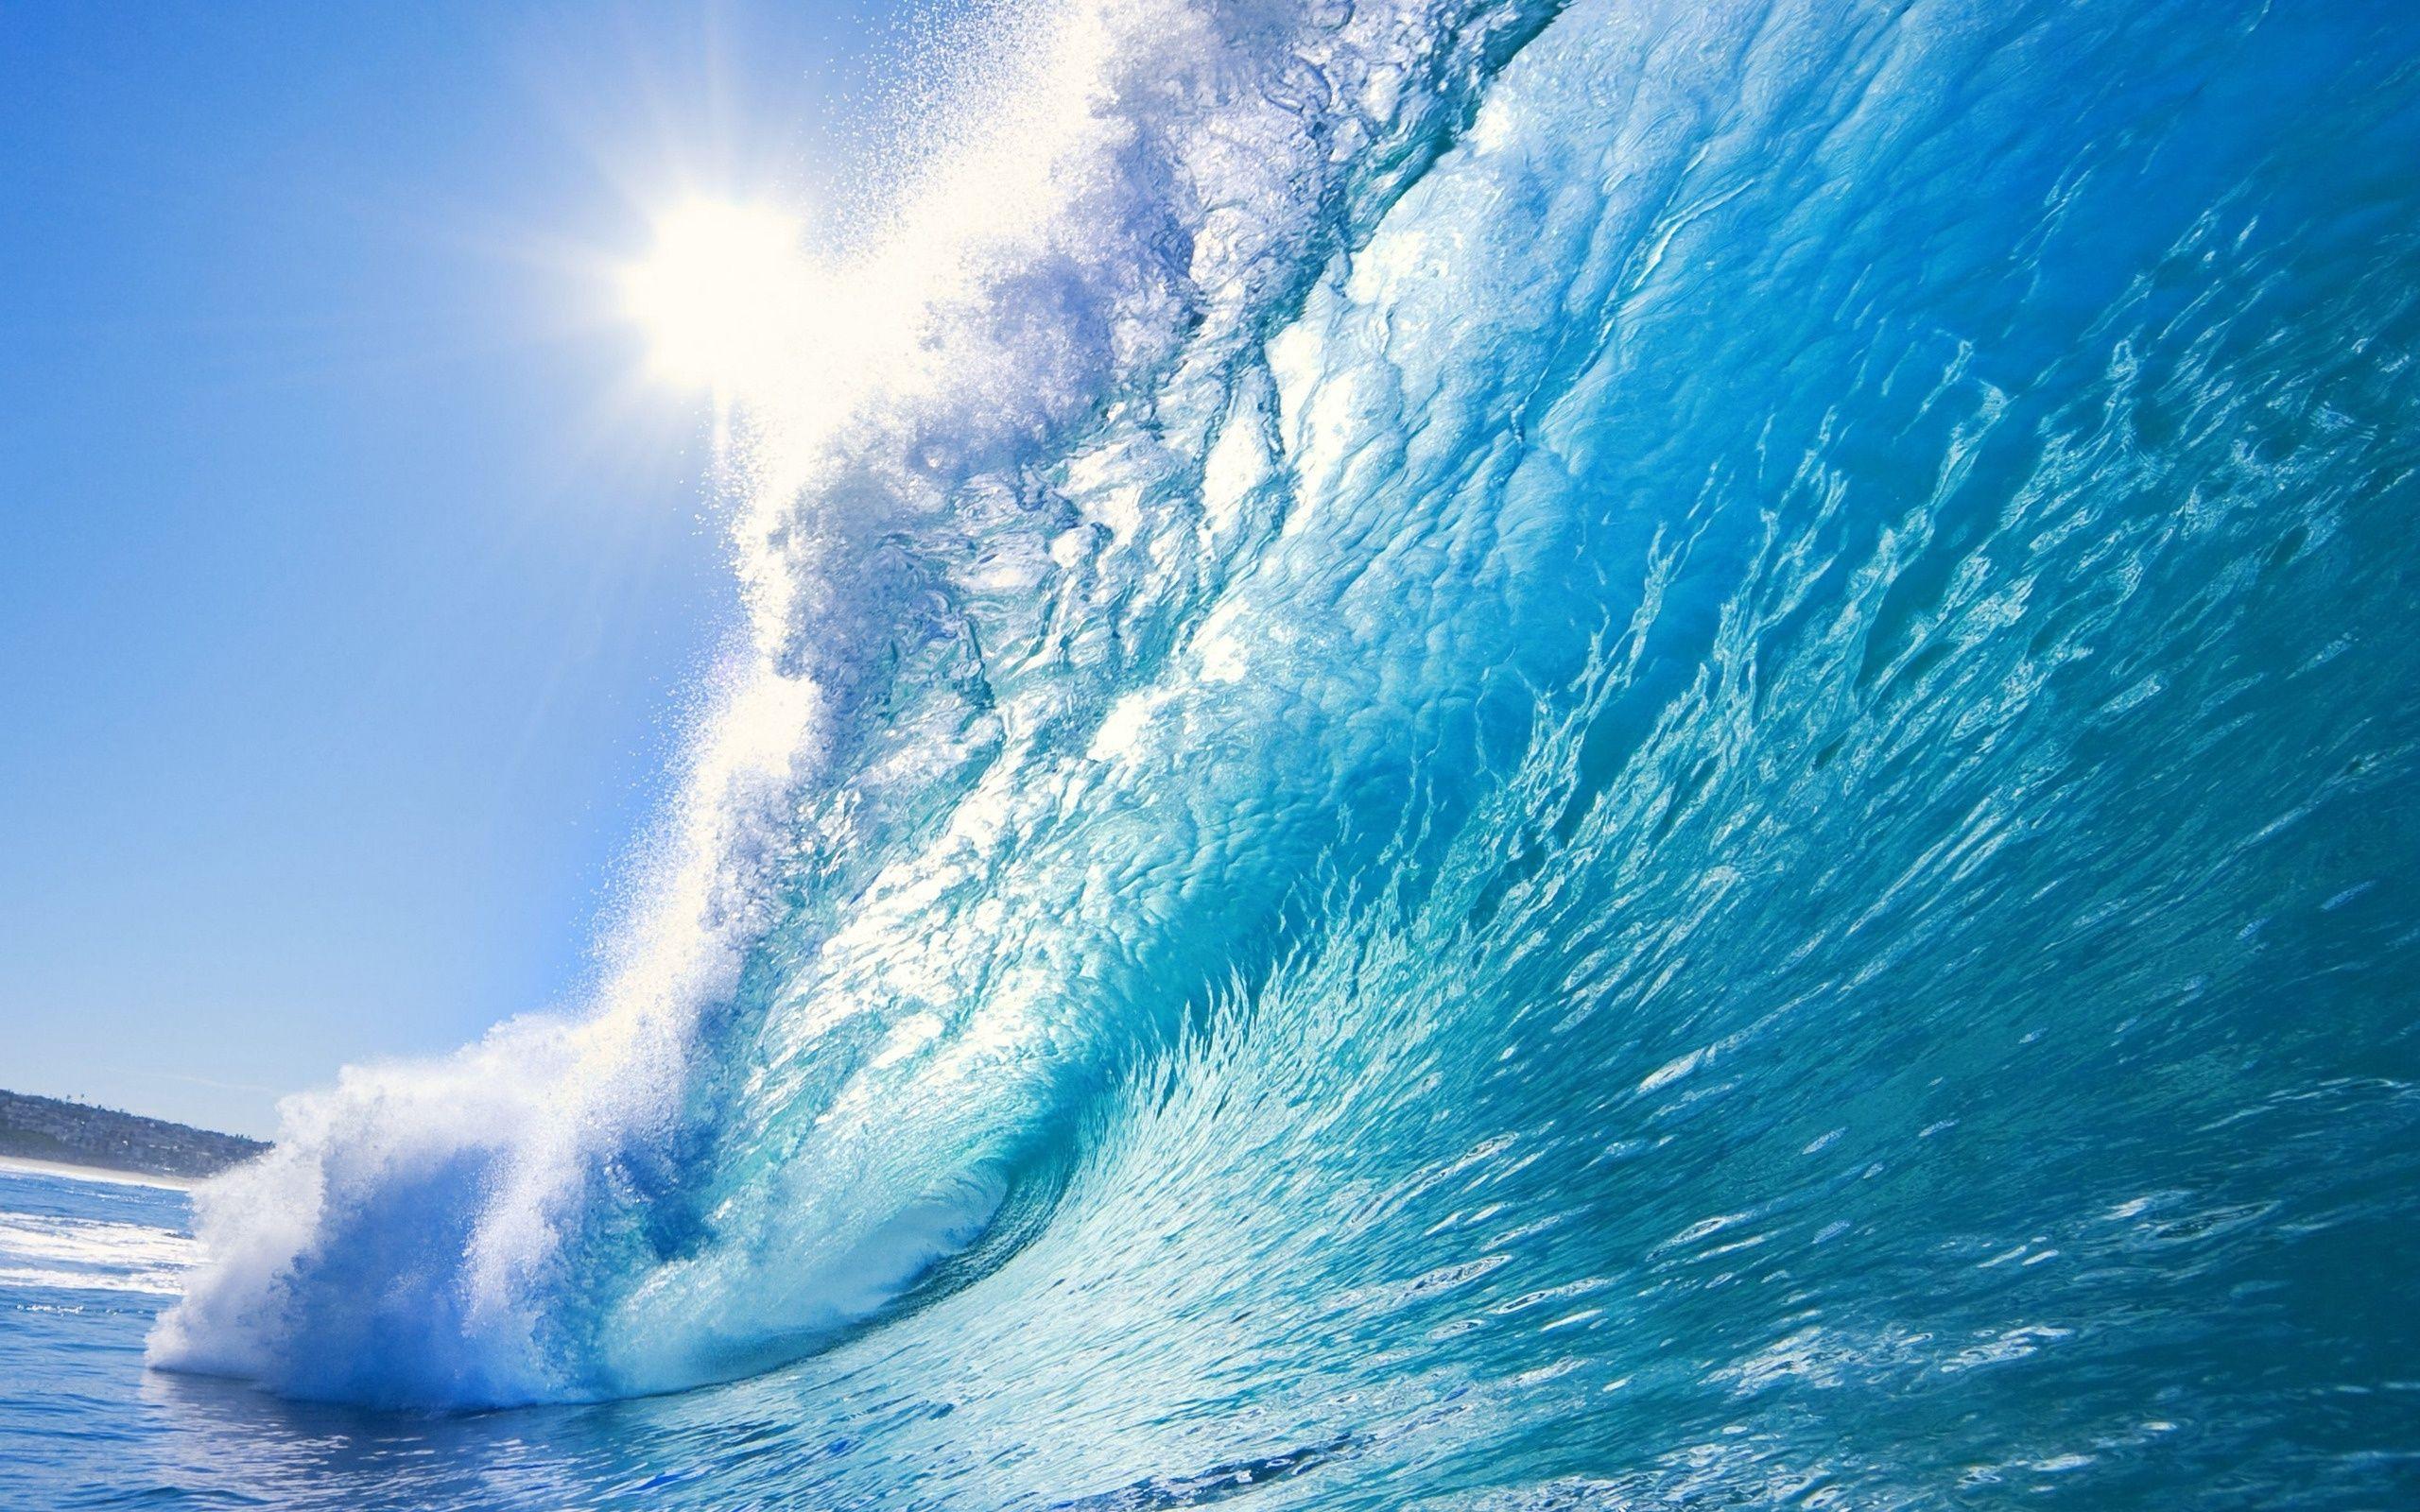 ocean ocean background wallpapers ocean wallpapers amazing ocean 2560x1600